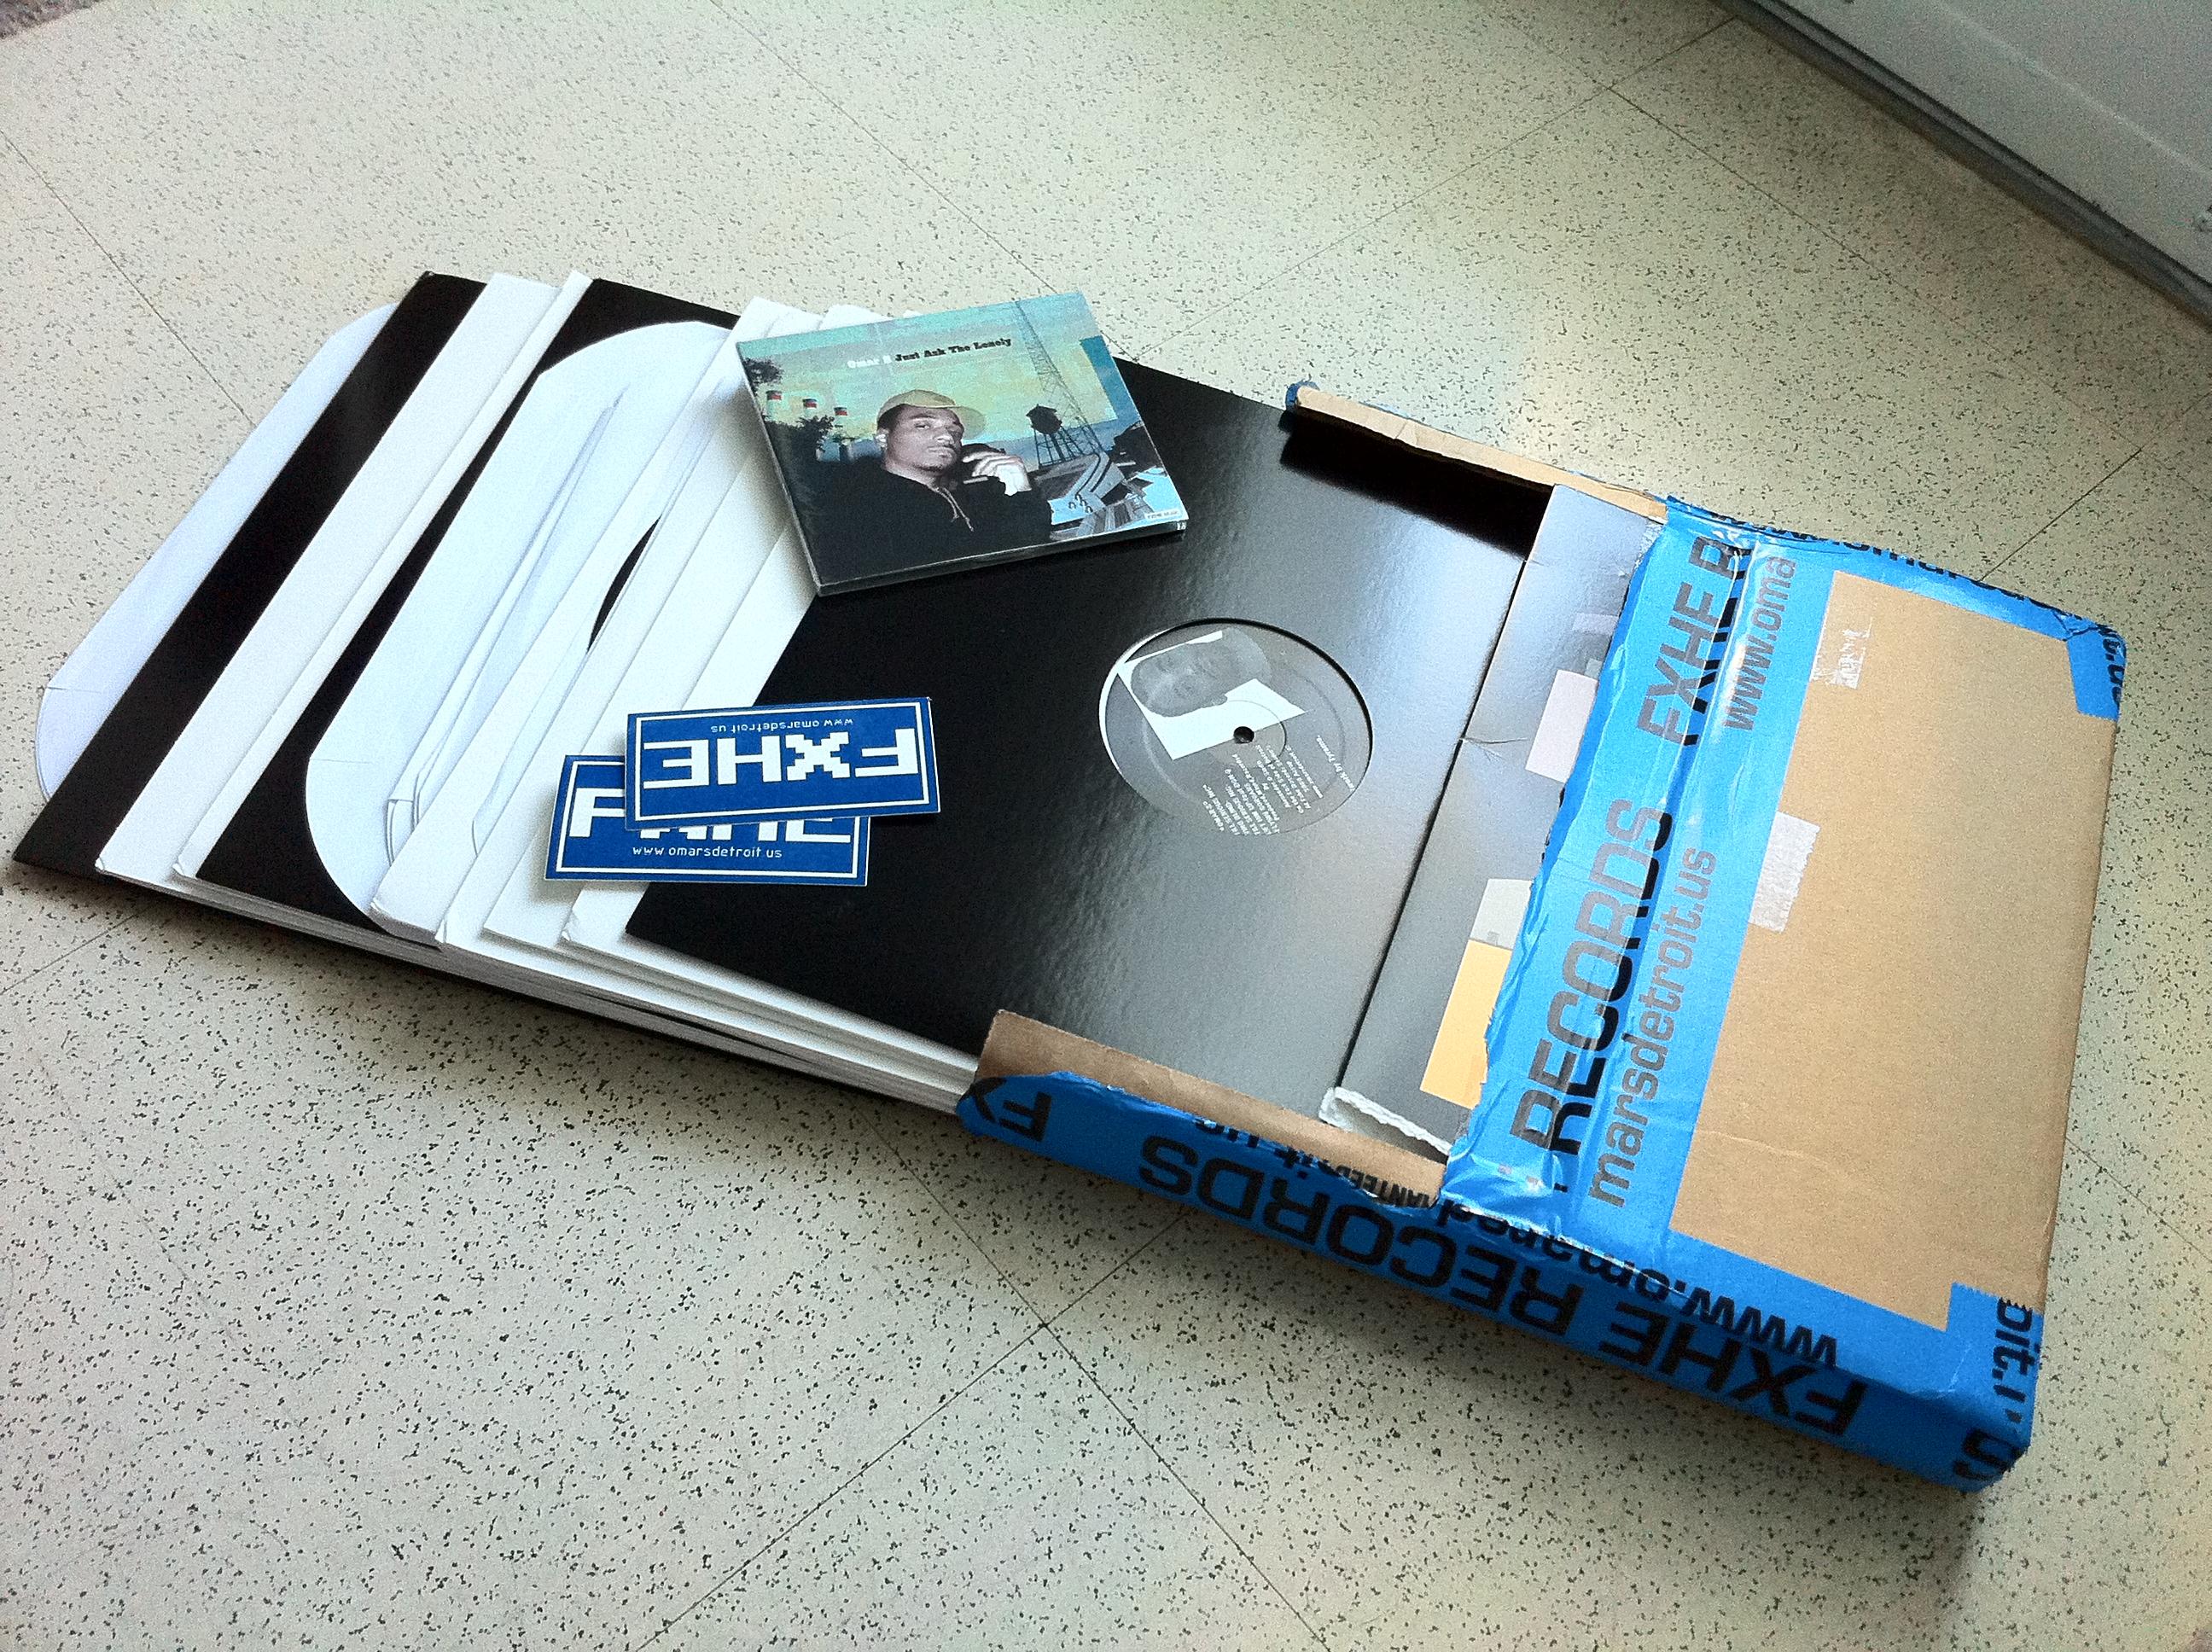 他用ipad,所以我有理由相信还有人和我一样在继续买唱片。